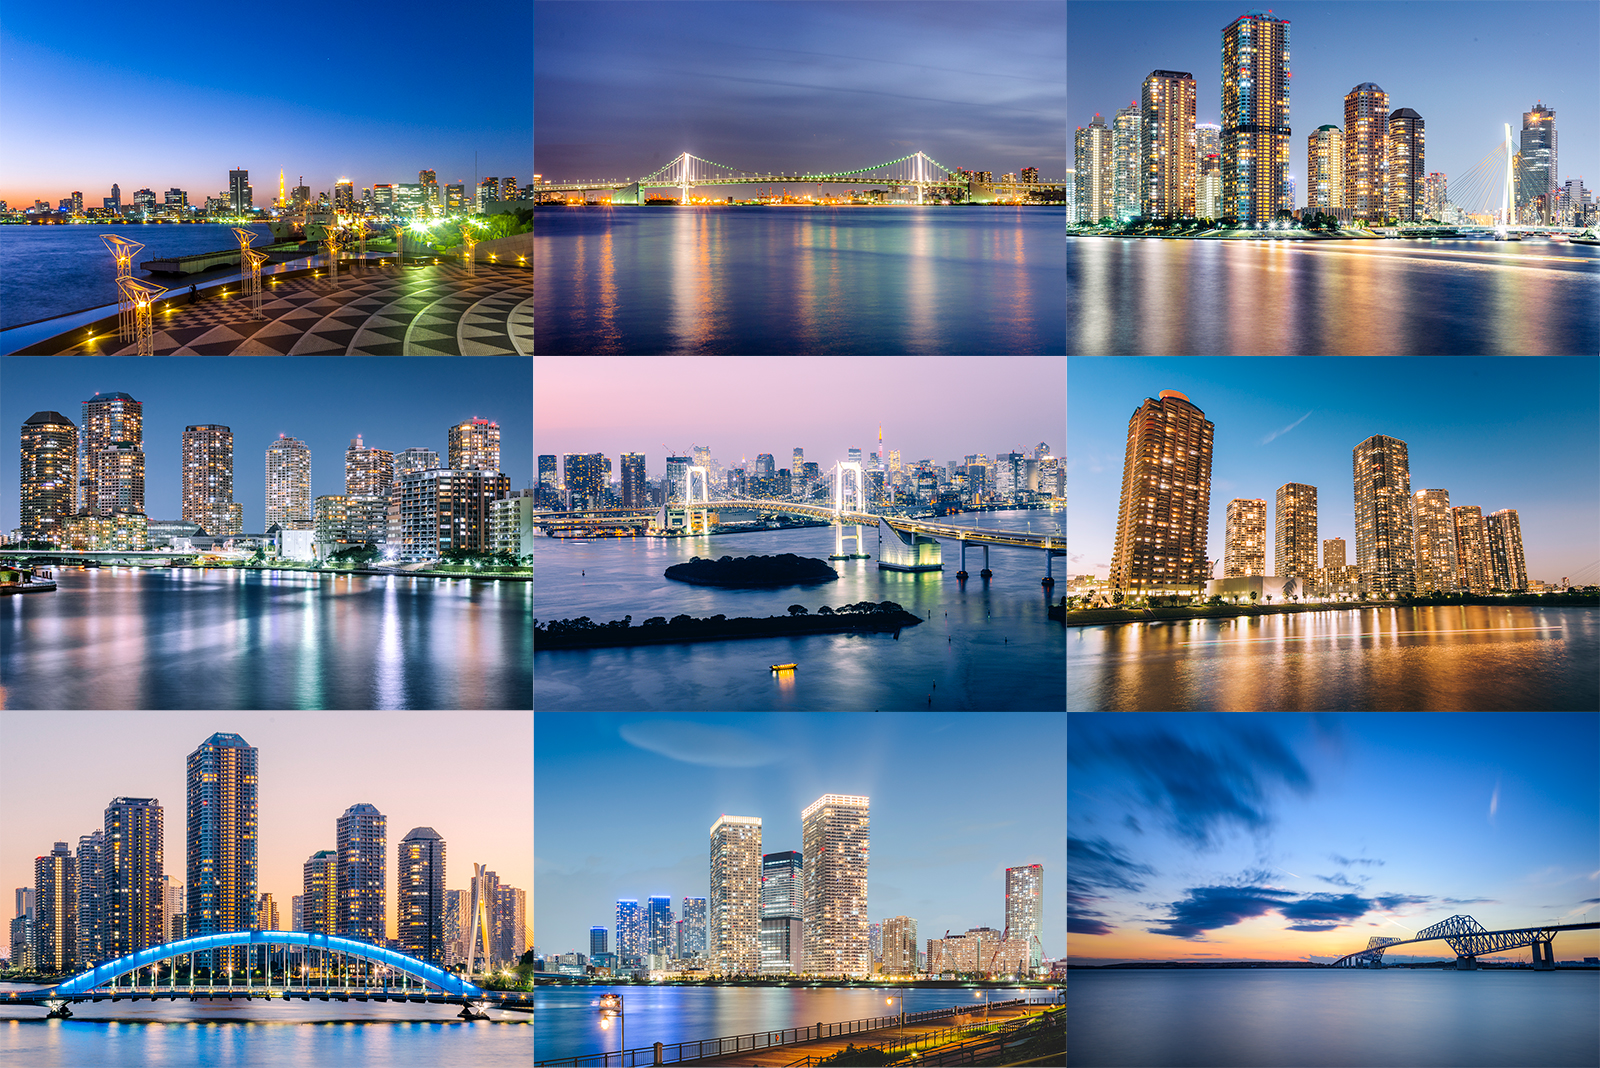 夜景鑑賞士が選ぶ、東京湾岸の夜景スポット12選